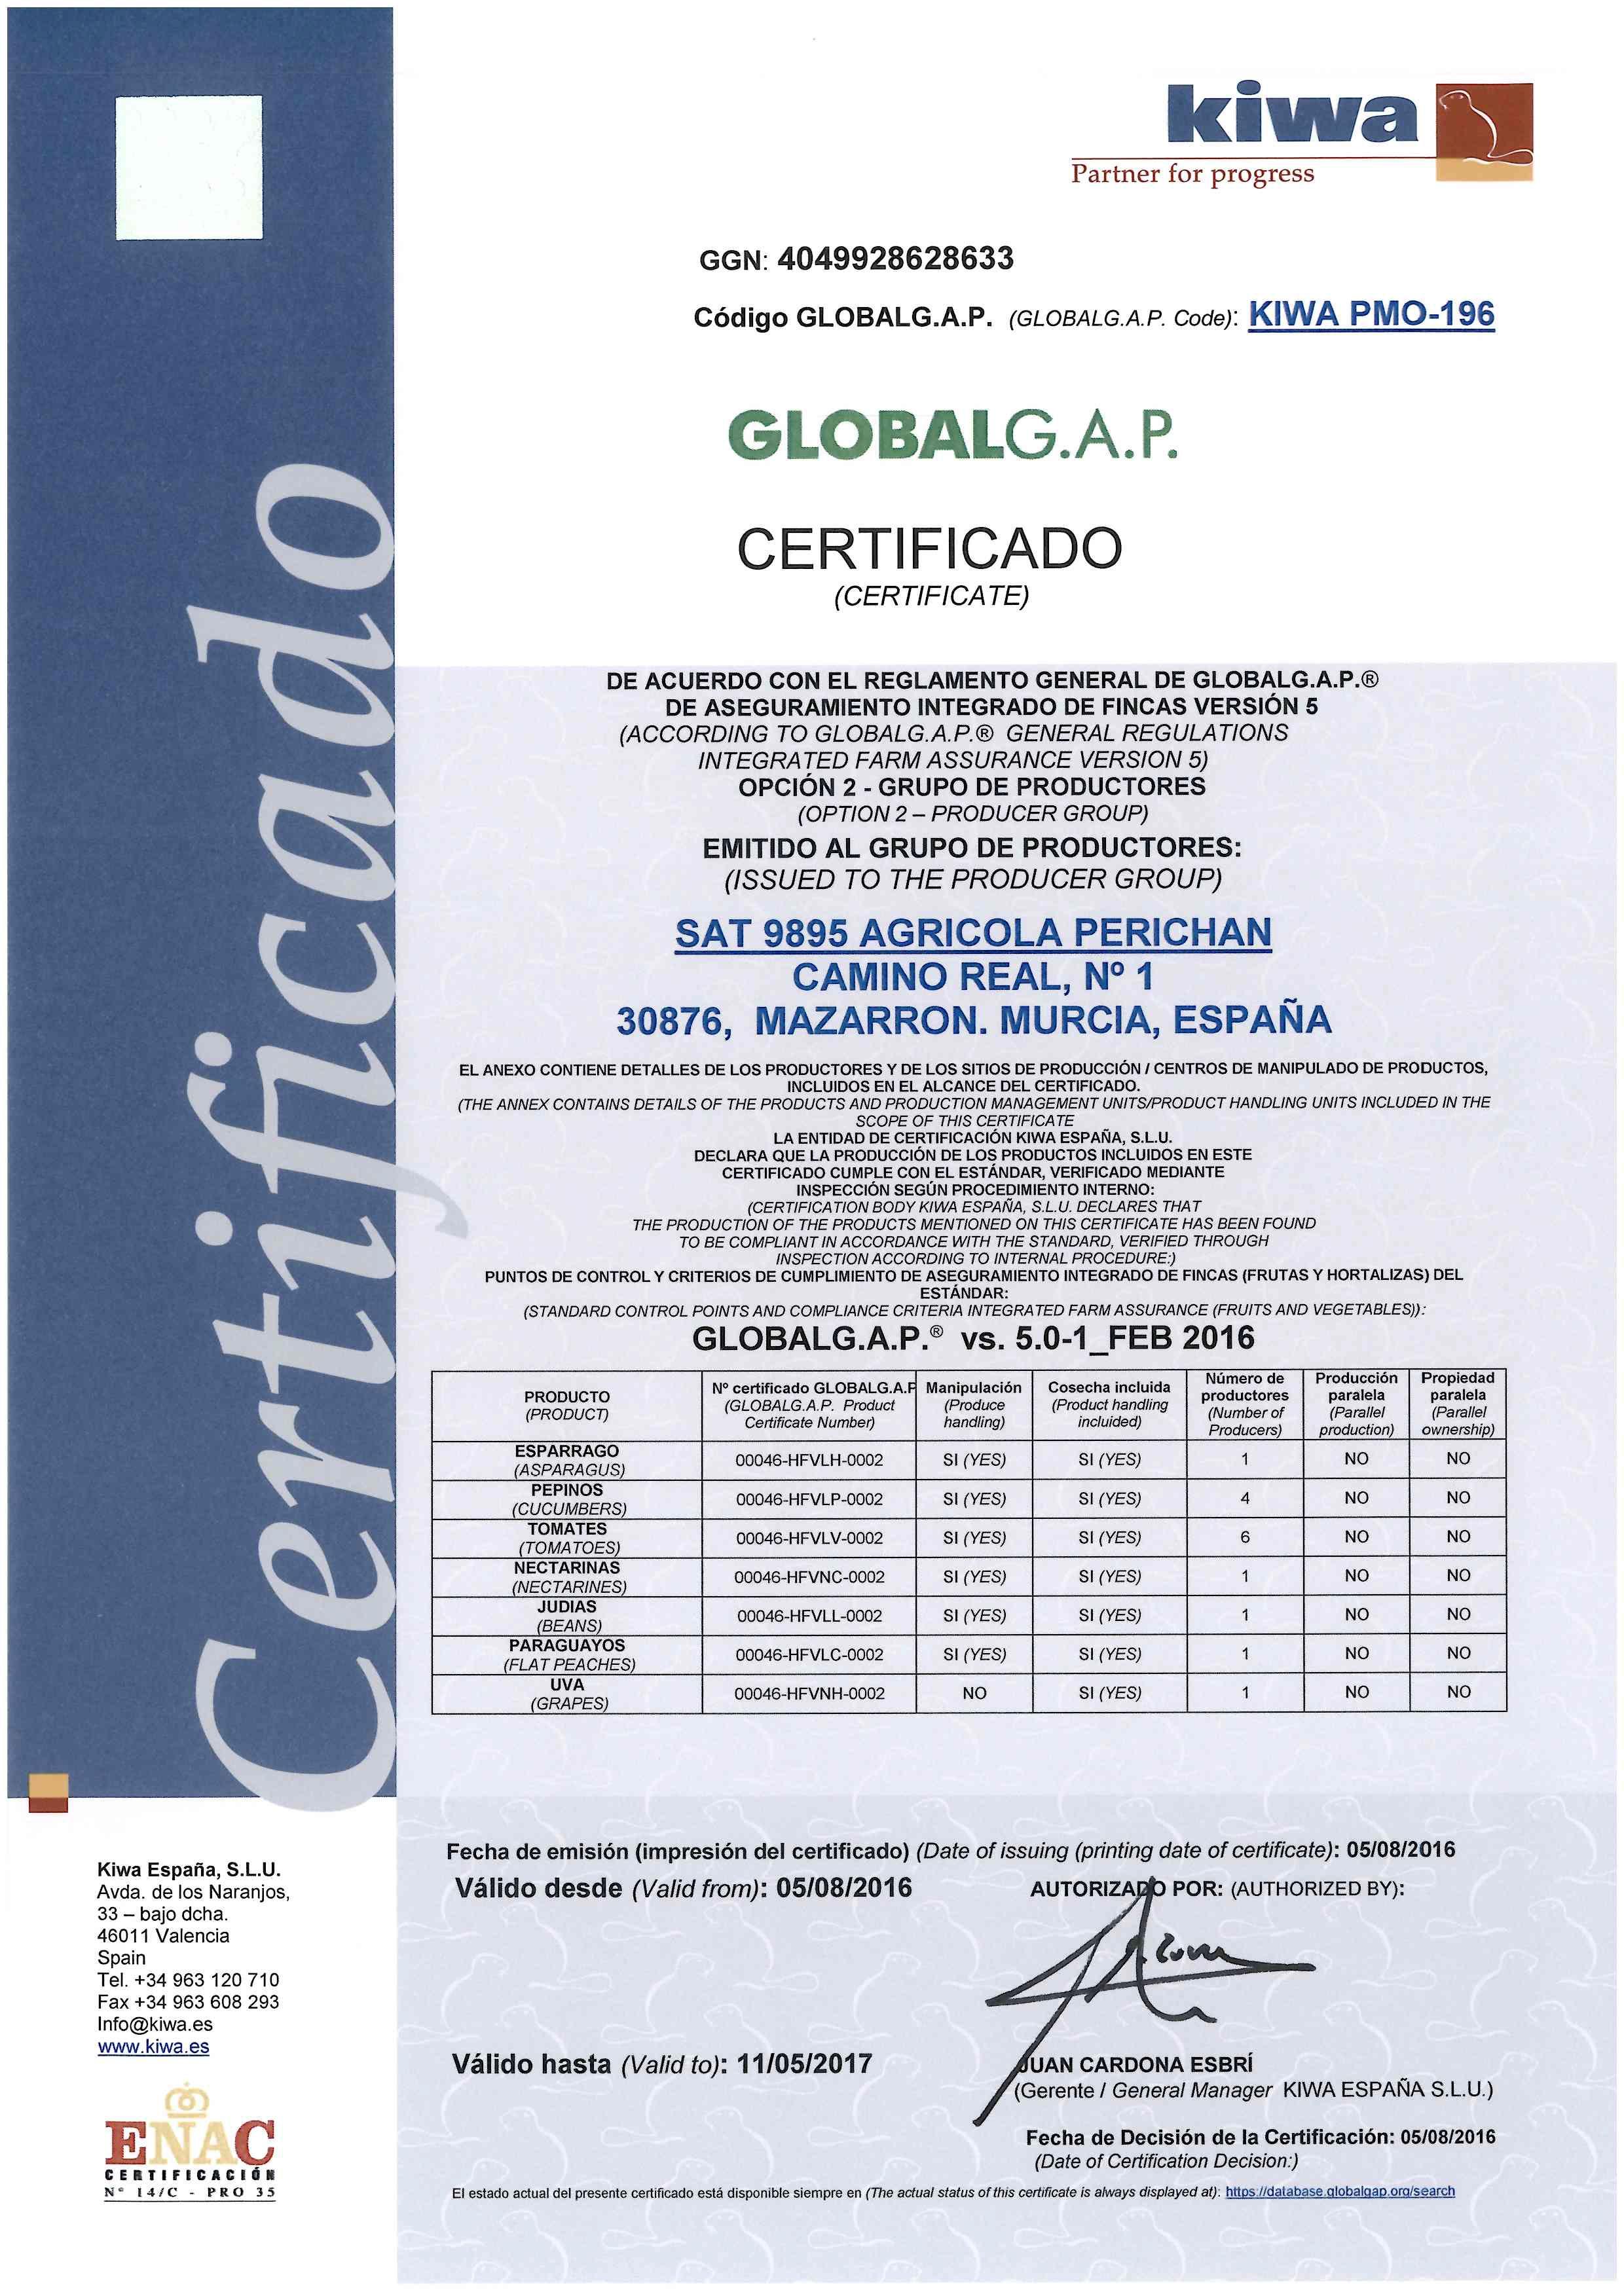 certificado GLOBALGAP AGRICOLA PERICHAN 16